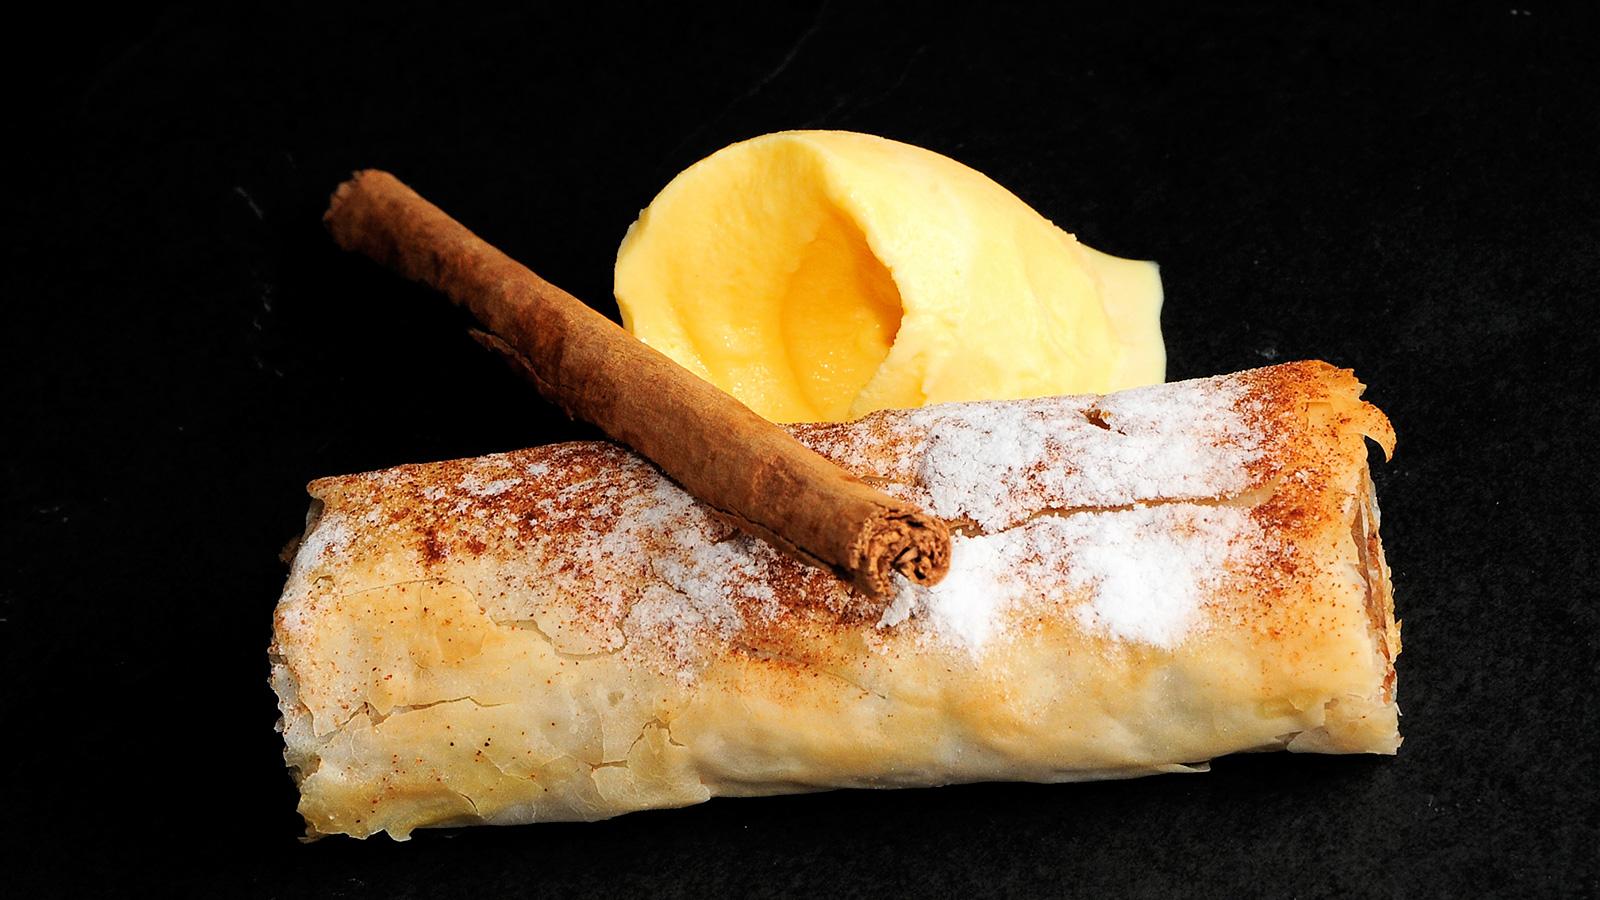 Apple struddel sergio fern ndez receta canal cocina for Canal cocina sergio fernandez